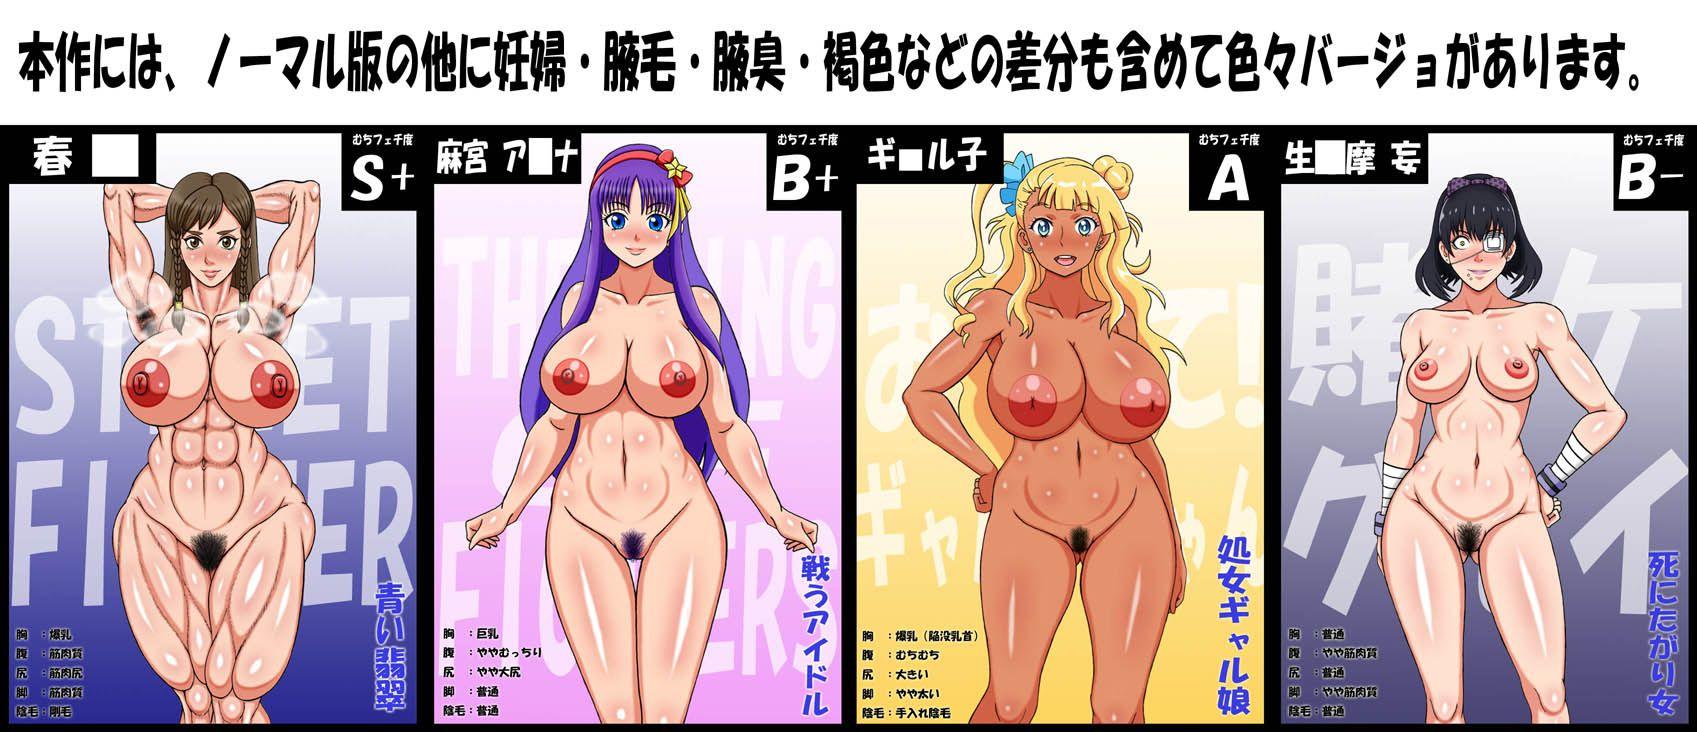 【ギャル子 同人】むちフェチこれくしょん!2